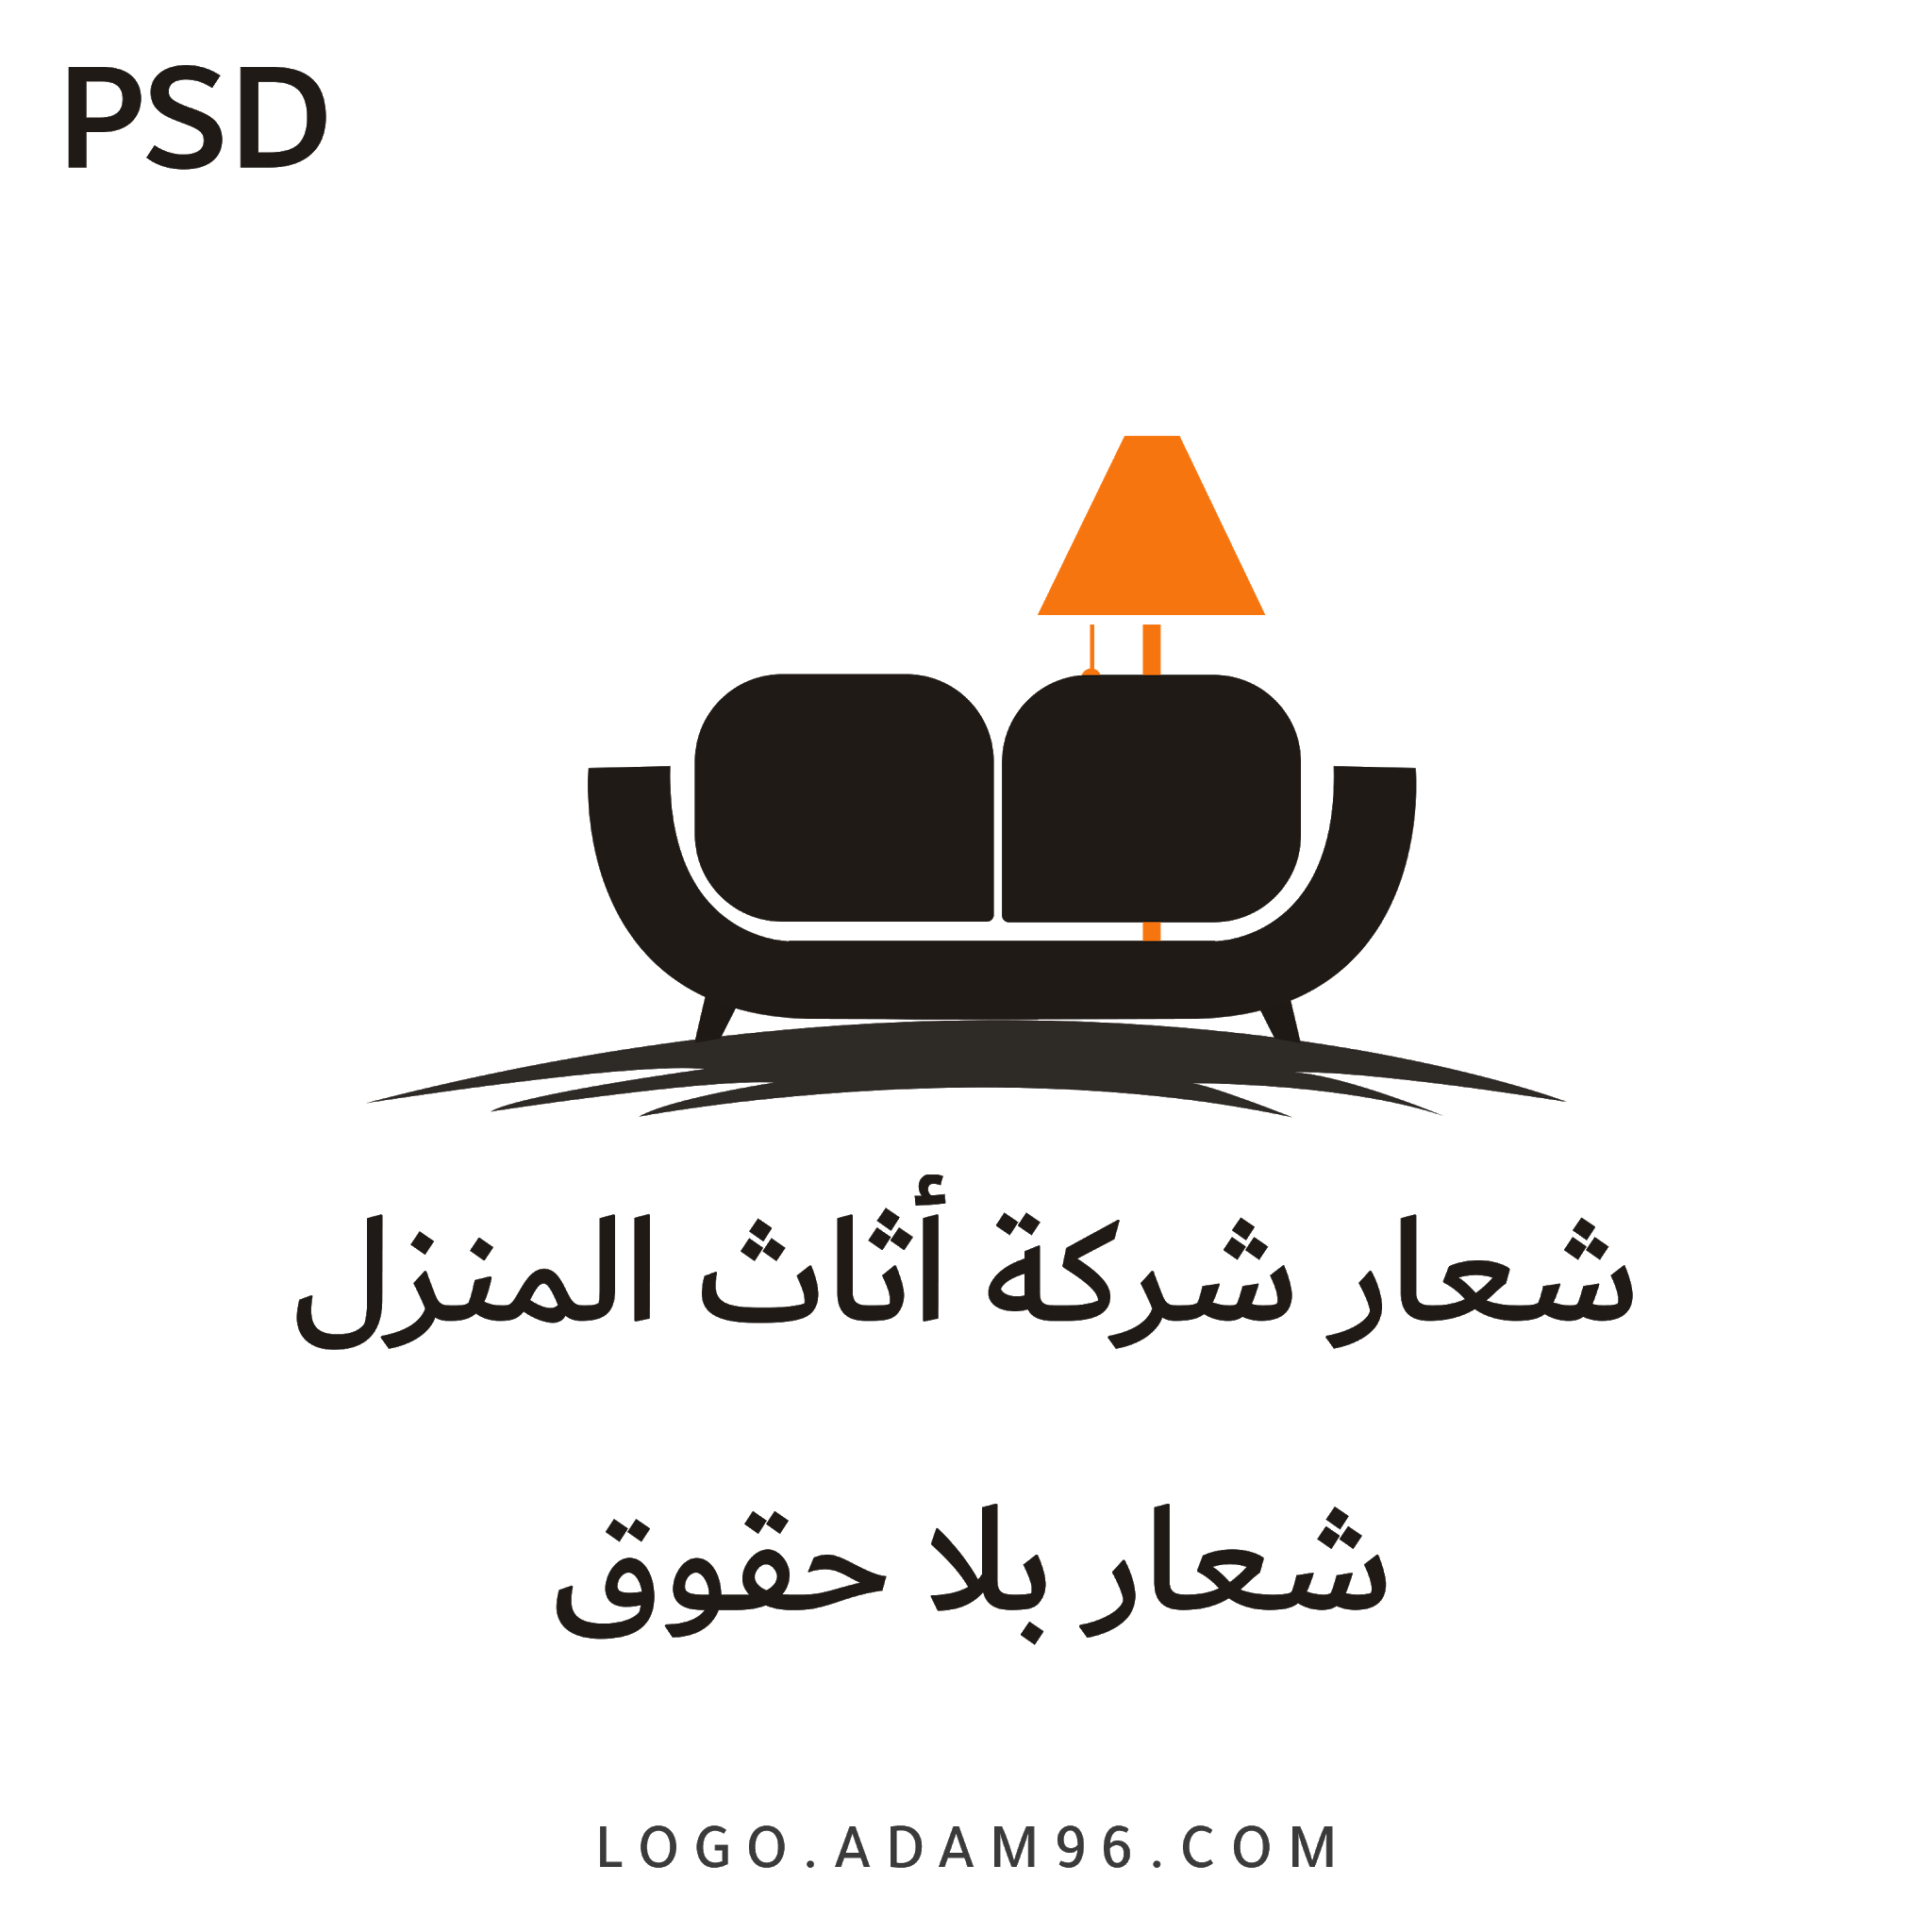 تحميل شعار شركة أثاث المنزل لوجو احترافي بدون حقوق مجاناً Logo Furniture PSD